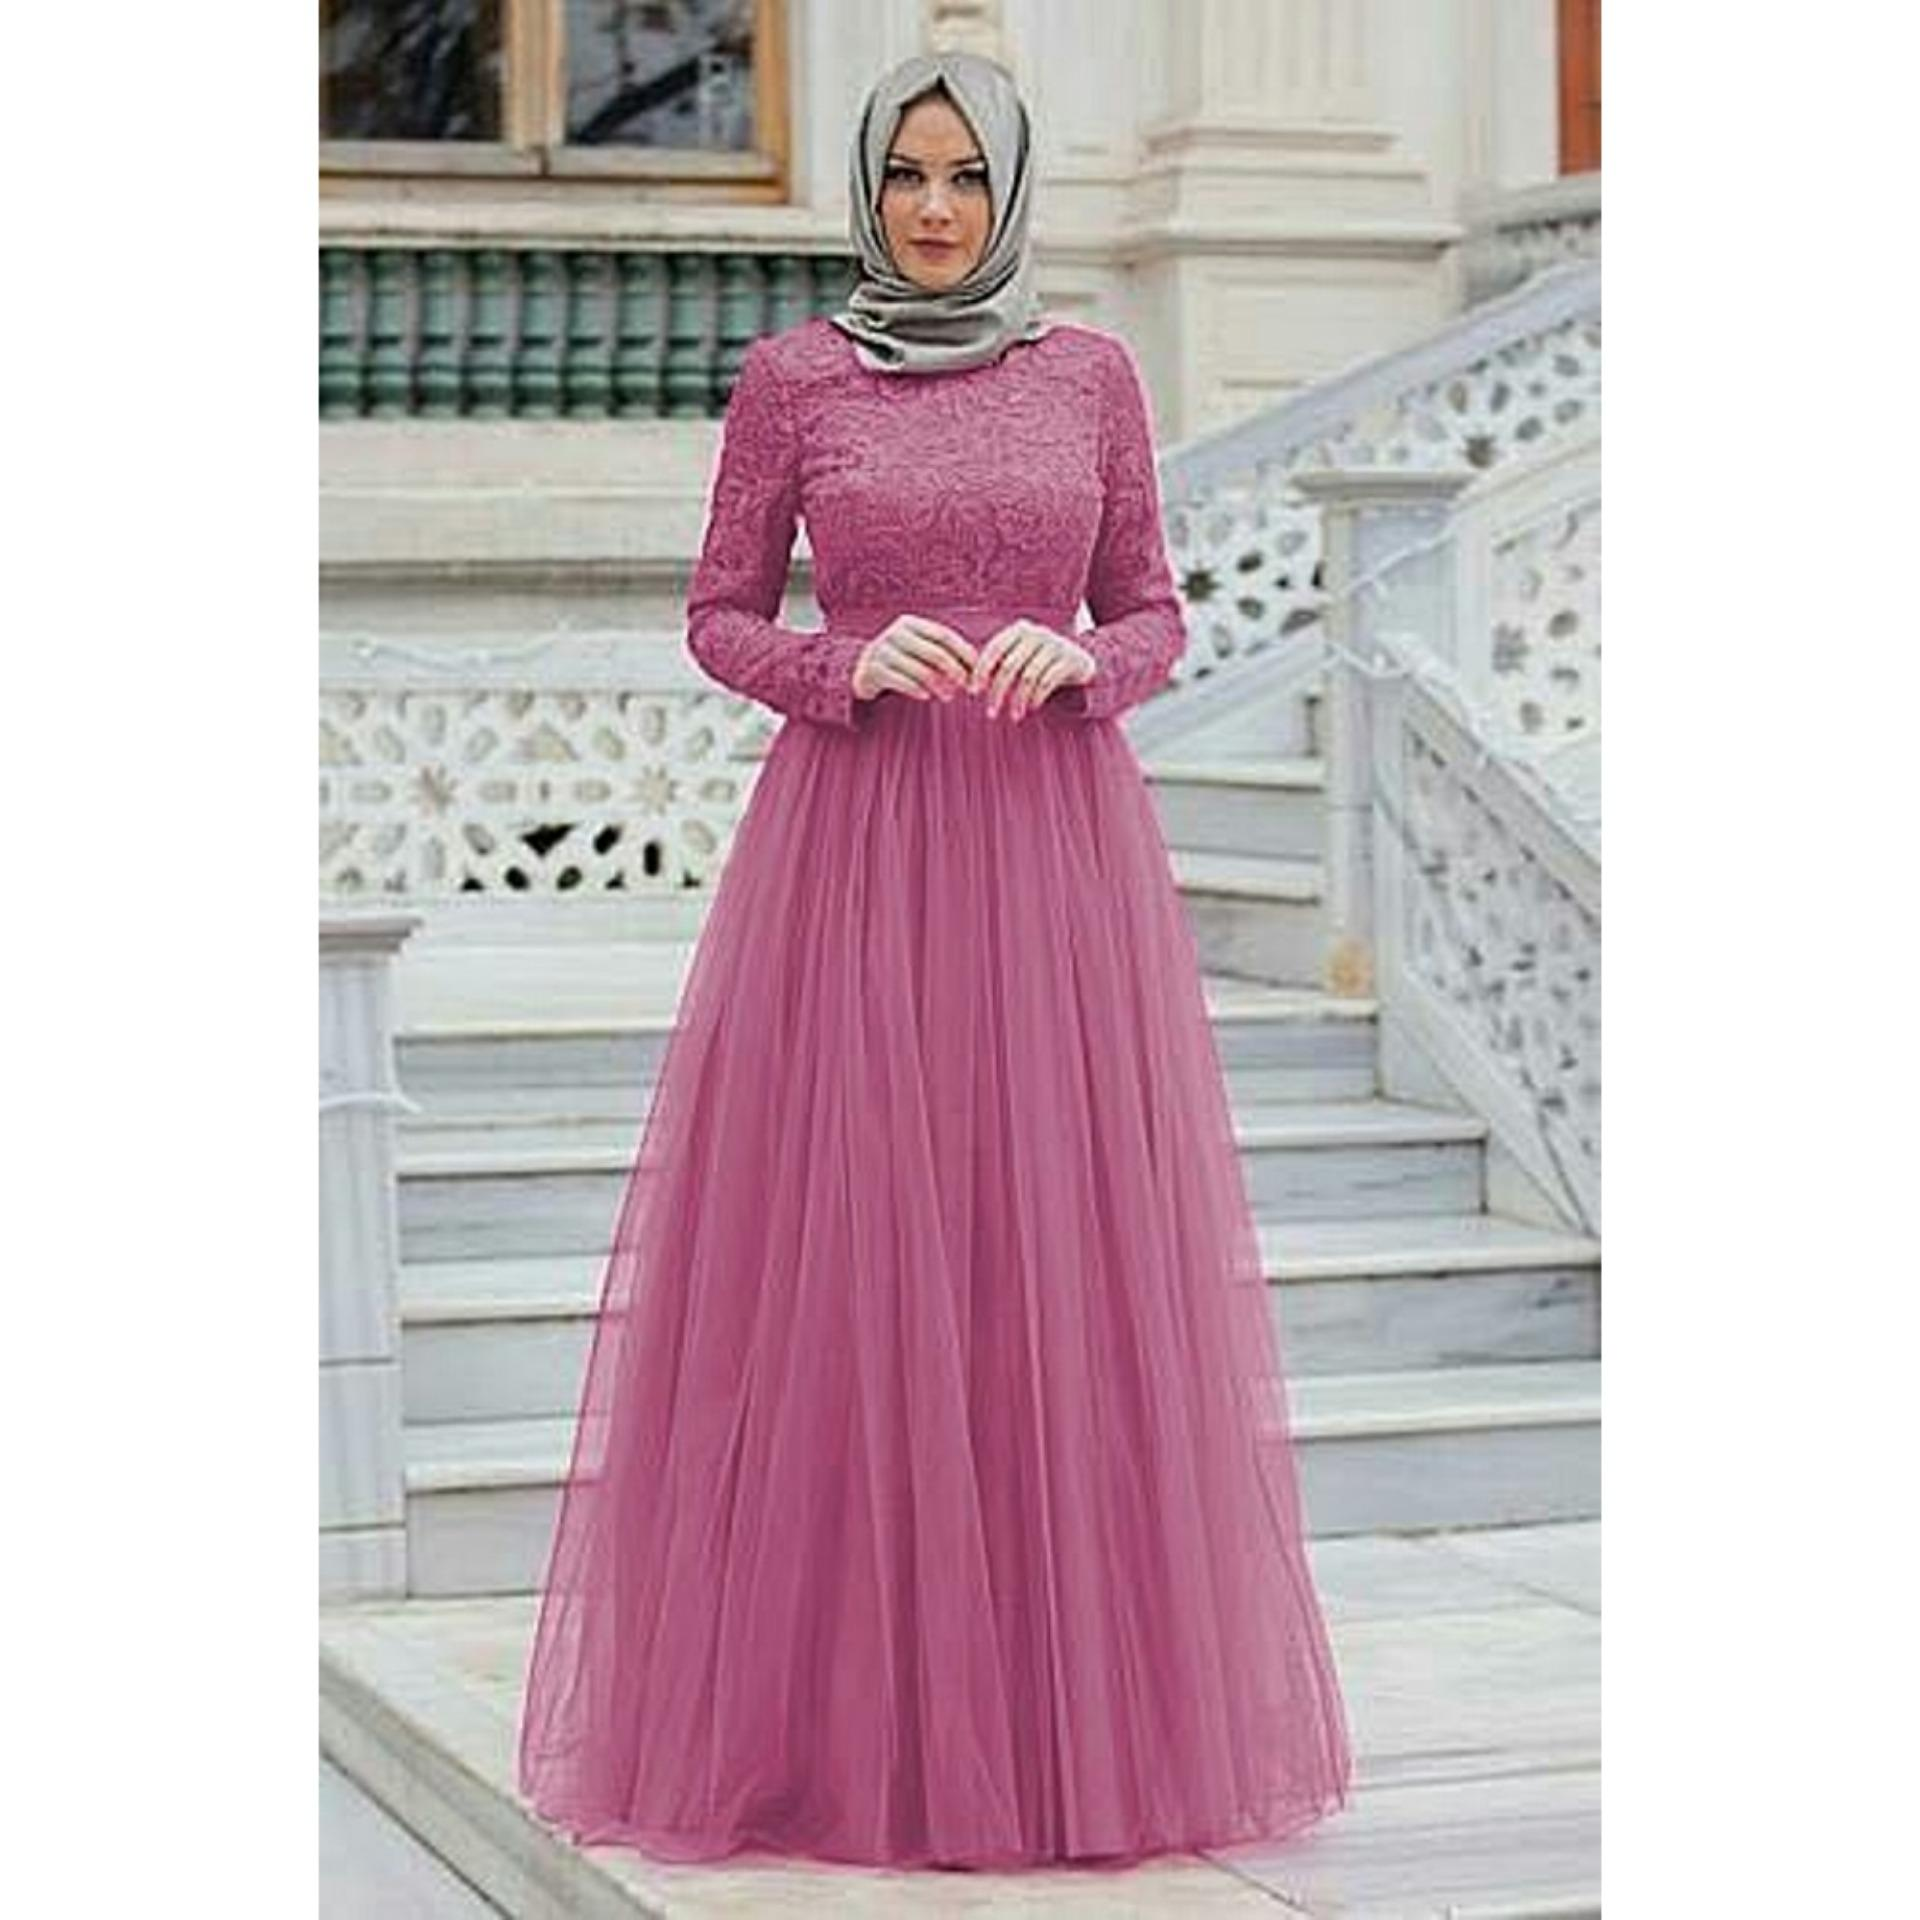 DIONISIA Almaera Gamis Maxi Dress Muslim Wanita Gamis Pesta Brukat Tile  Lengan Panjang 544b86add5